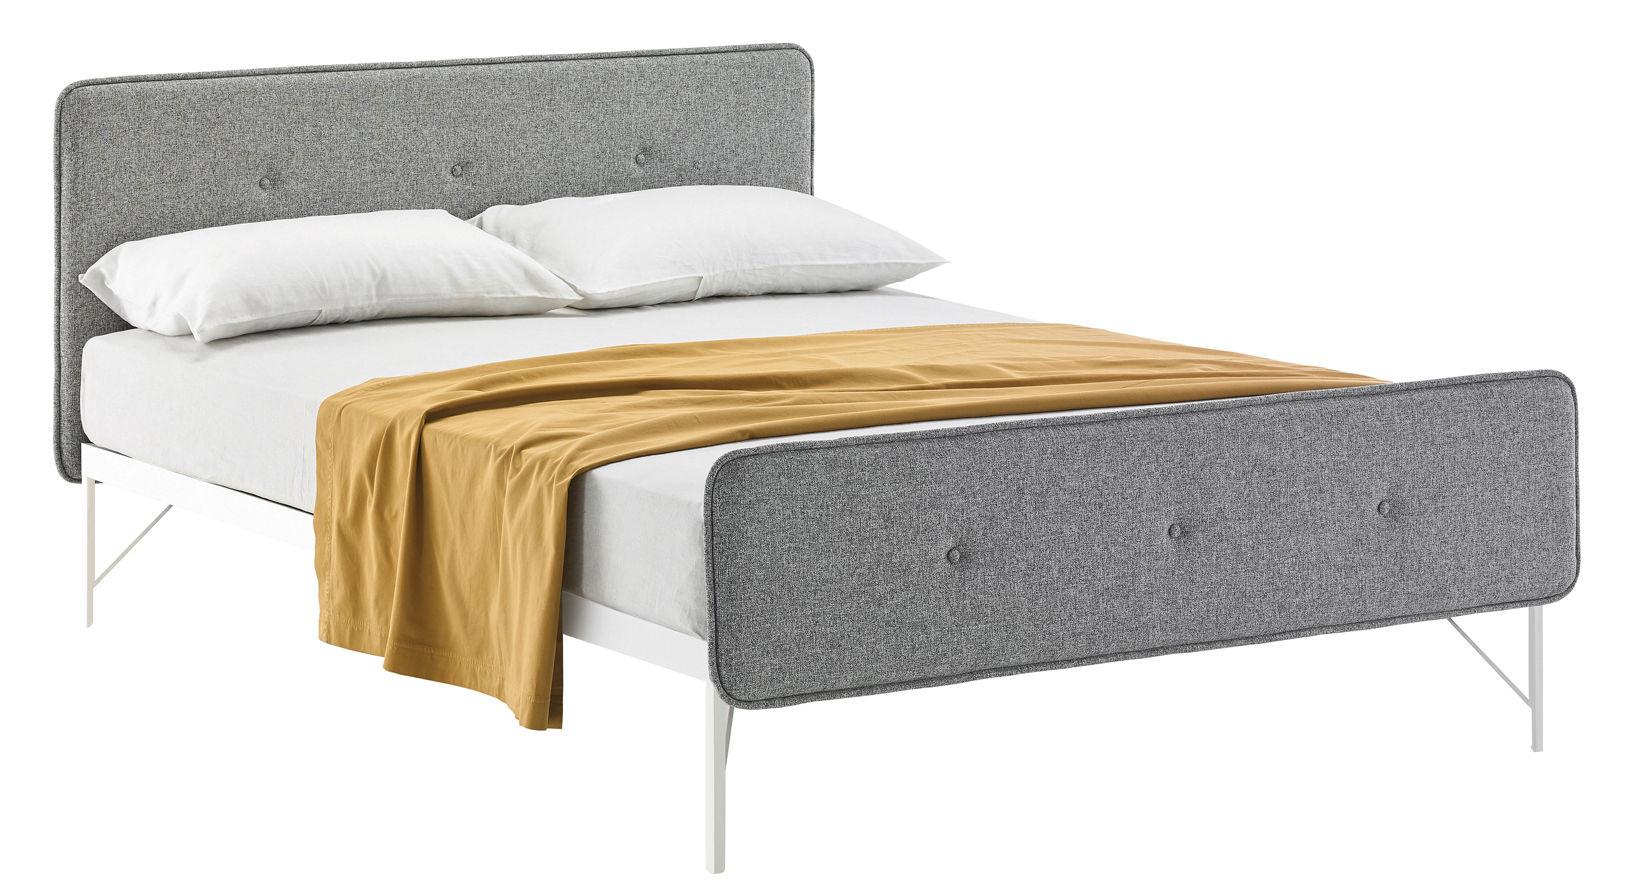 Mobilier - Lits - Lit double Hotel Royal / Pour matelas 160 x 200 - Zanotta - Tissu gris clair - Acier verni, Mousse polyuréthane, Tissu